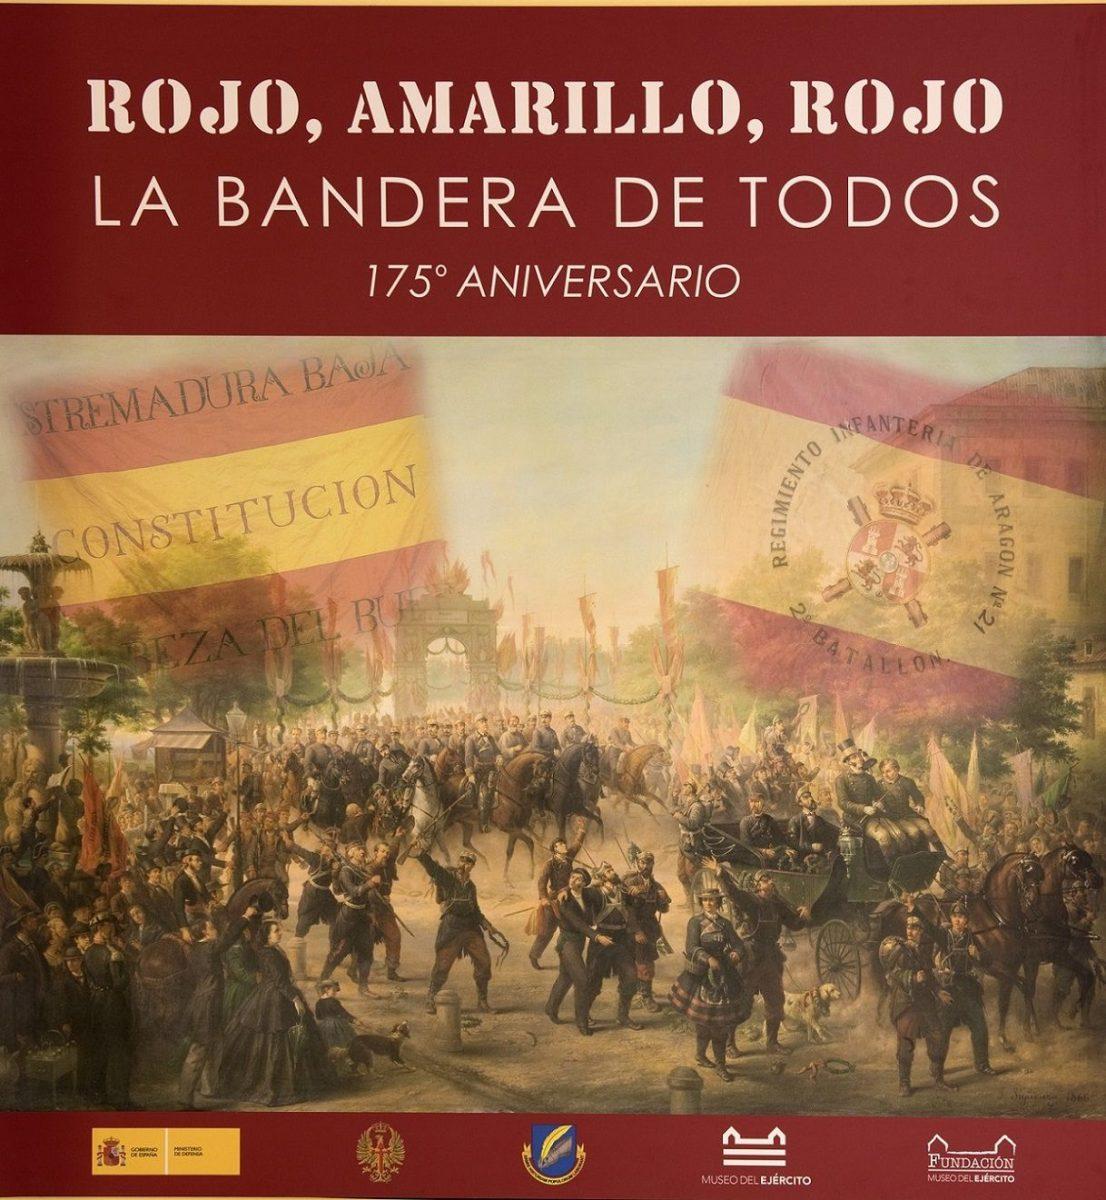 http://www.toledo.es/wp-content/uploads/2018/09/rojo-amarillo-rojo-1106x1200.jpg. EXPOSICIÓN TEMPORAL: ROJO, AMARILLO,ROJO. LA BANDERA DE TODOS. 175º ANIVERSARIO